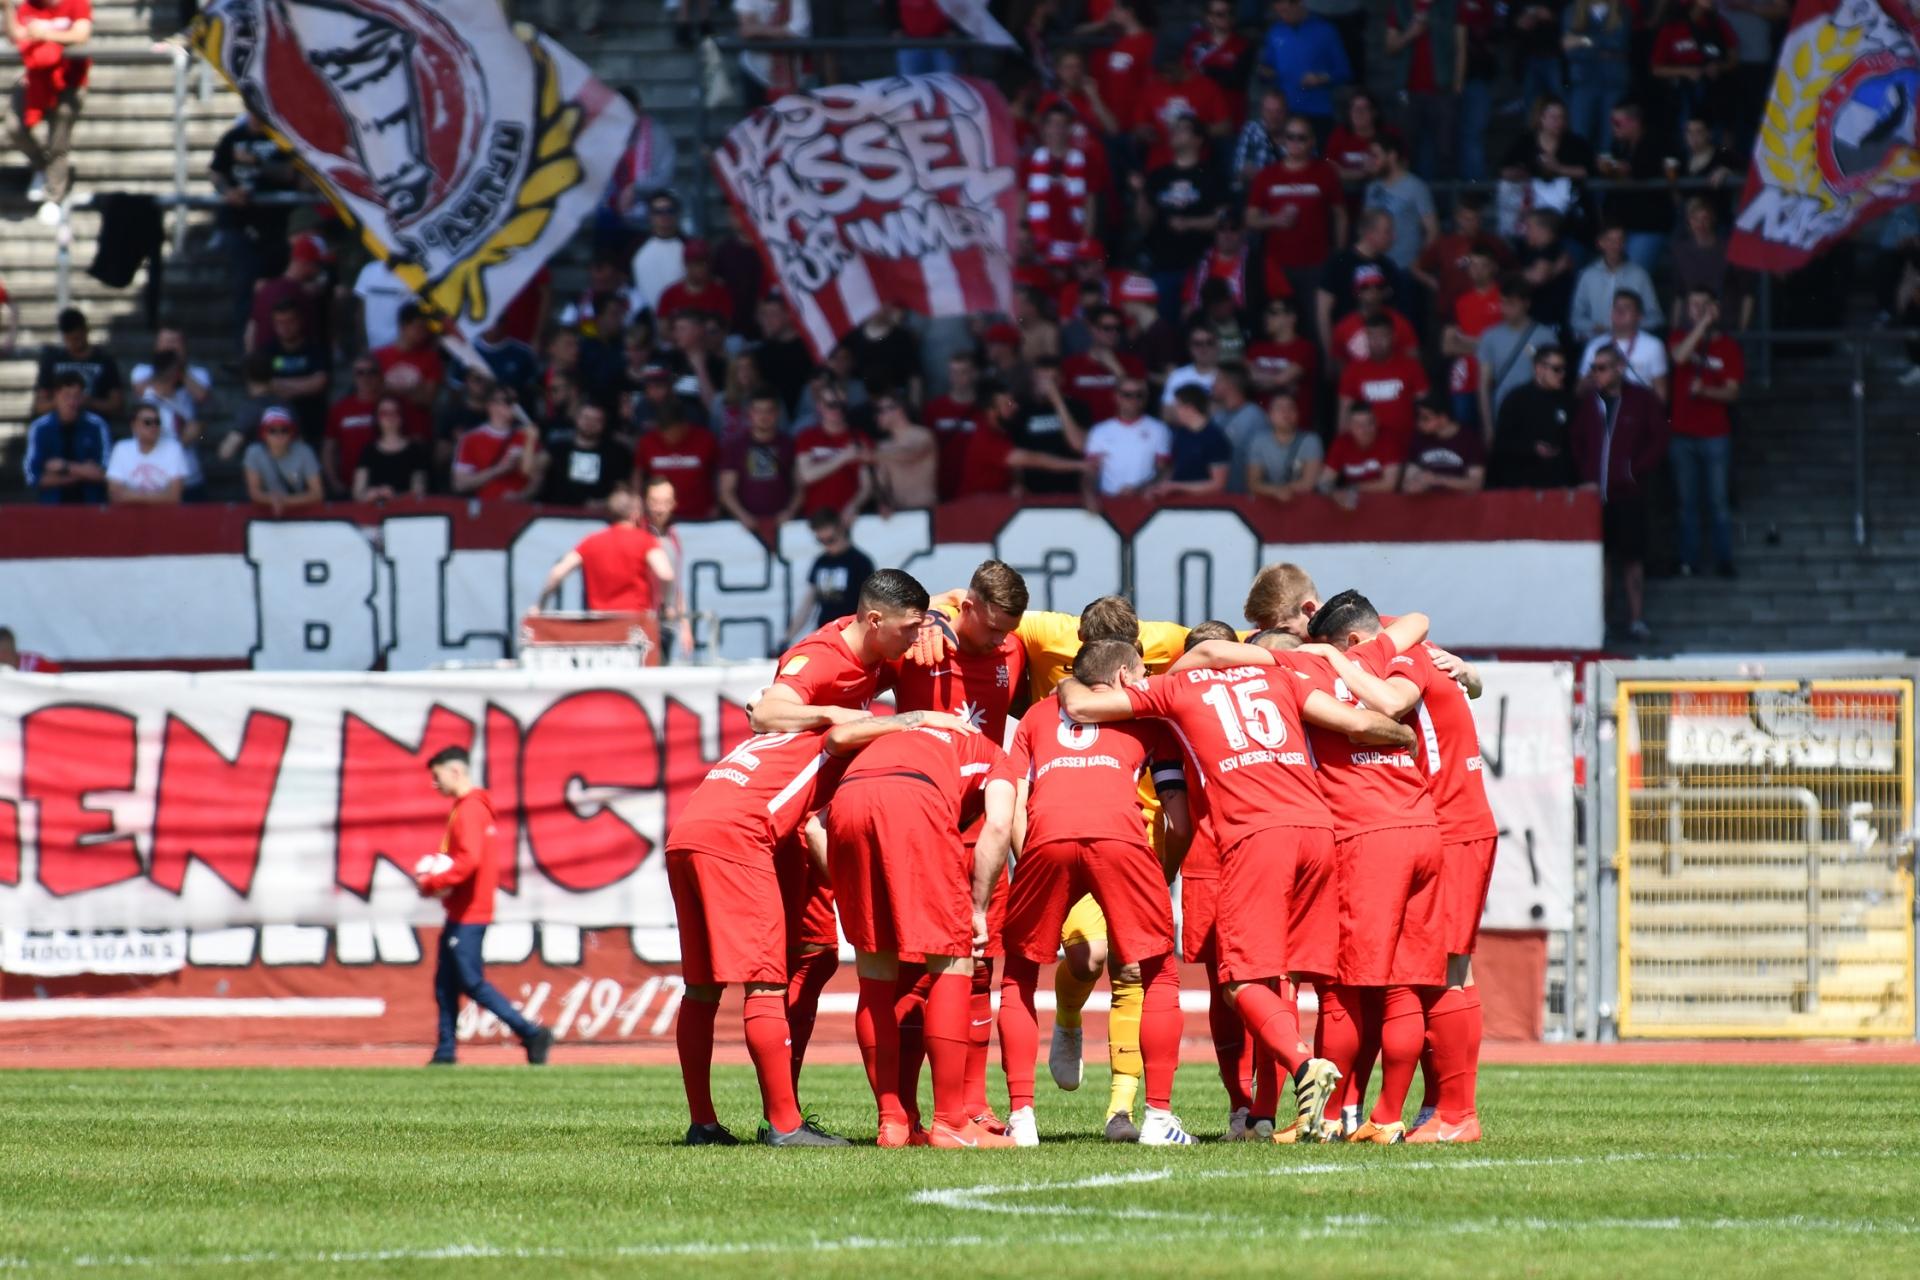 Lotto Hessenliga 2018/2019, KSV Hessen Kassel, T�rk G�c� Friedberg, Endstand 4:0